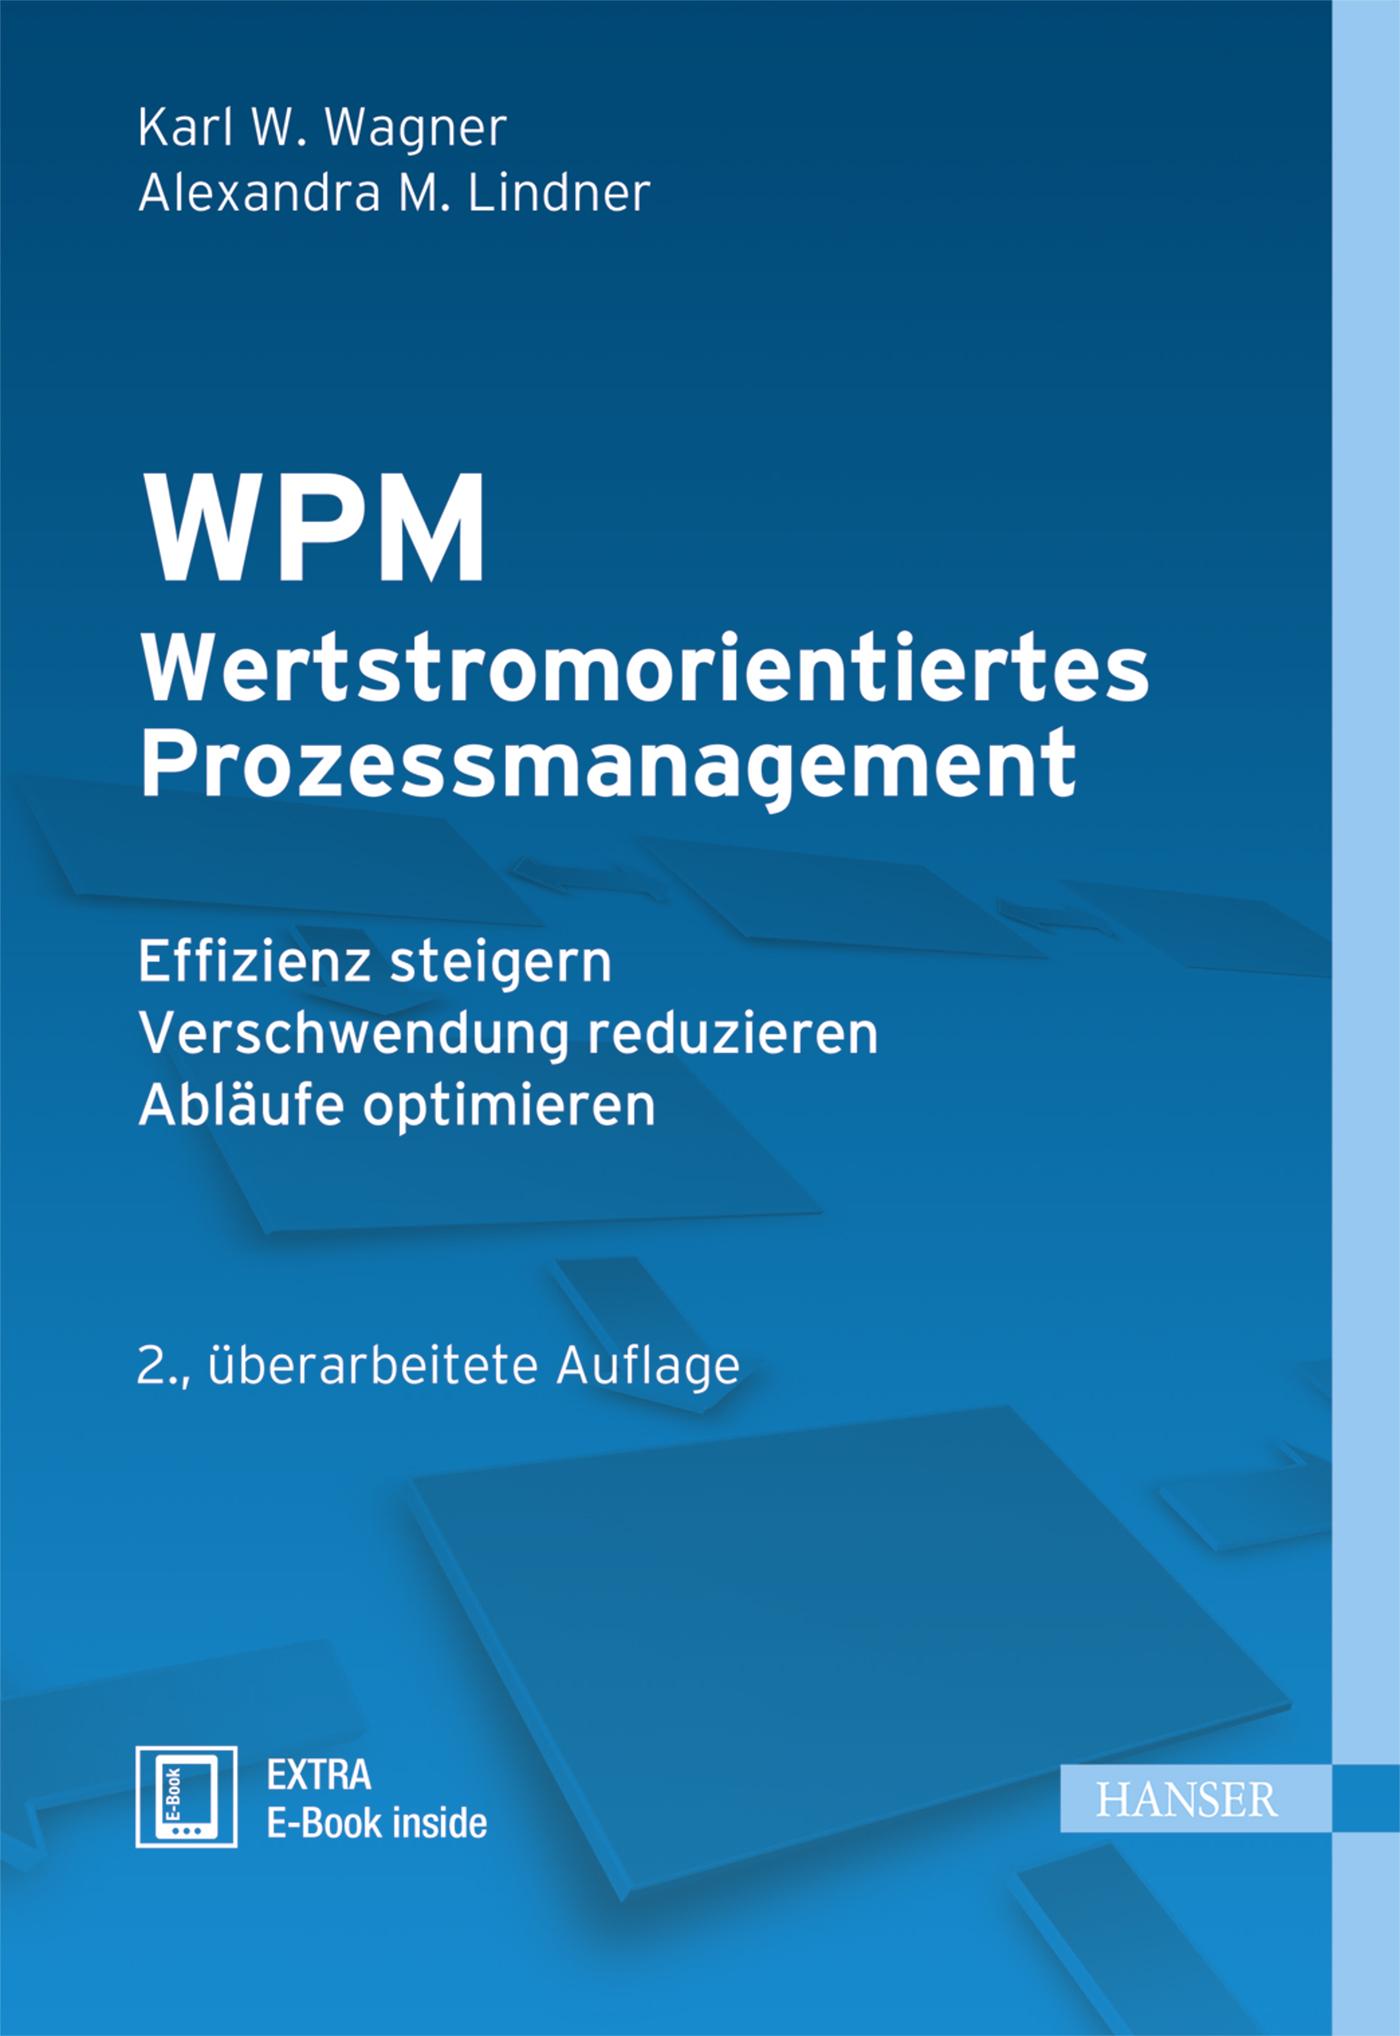 Wagner, Lindner, WPM - Wertstromorientiertes Prozessmanagement, 978-3-446-44621-2